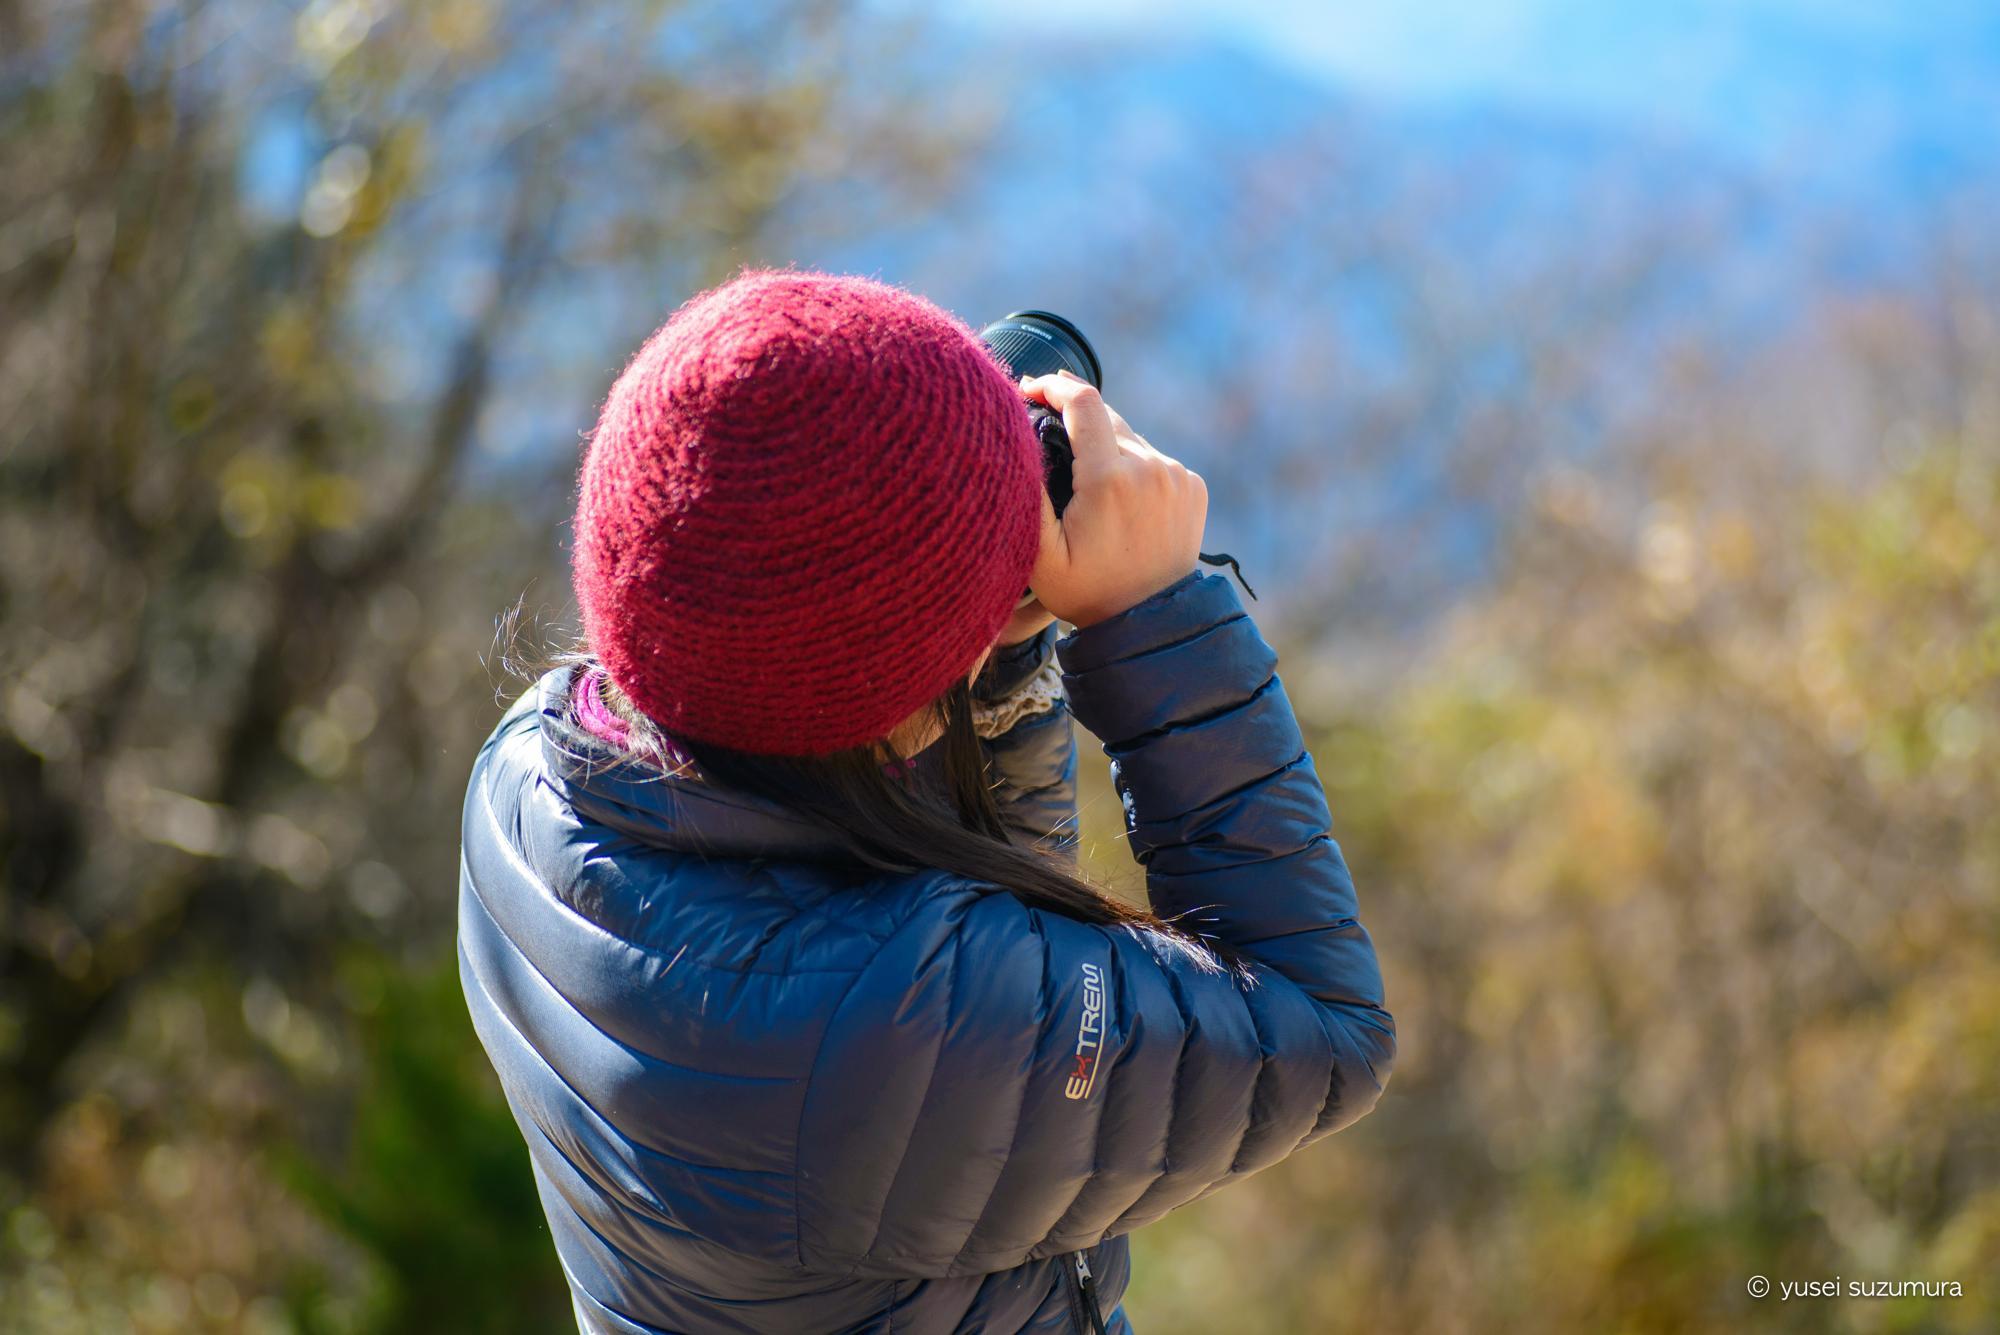 タムロン90mm単焦点で撮影した女性